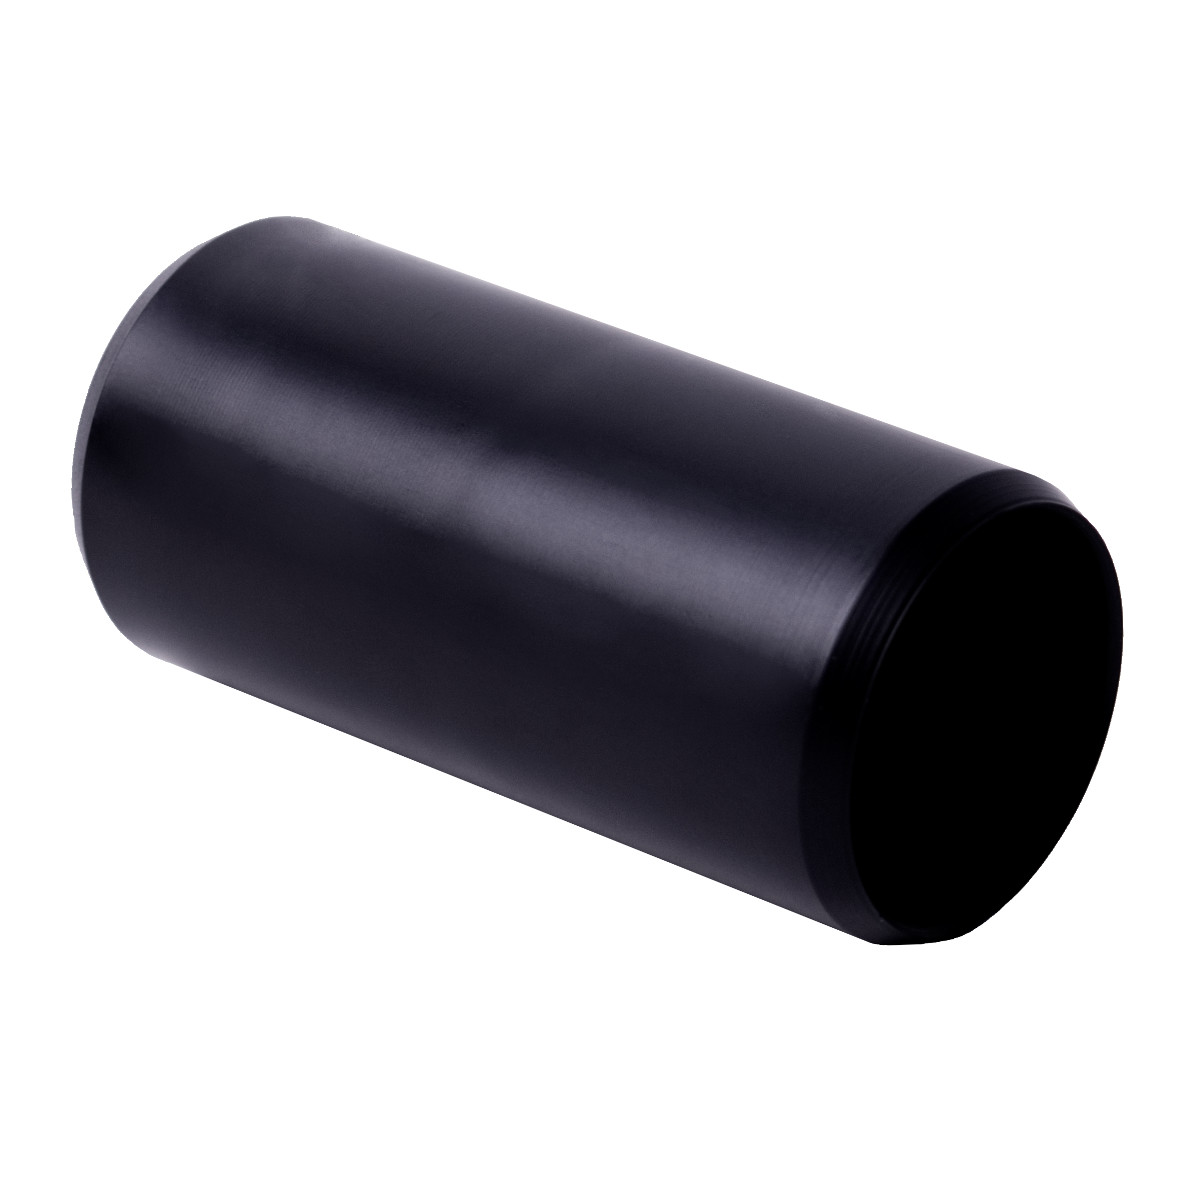 Муфта з'єднувальна для труби 25 мм ; Ø25 мм; УФ-стійкі; полікарбонат; безгалогенна; t застосування -45-90 °с; чорна; Упаковка 10 шт